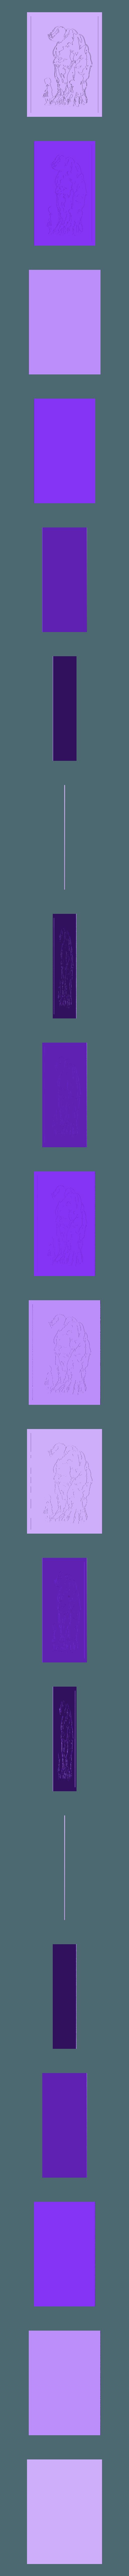 Girl_and_Orc_or_daemon_v1.stl Télécharger fichier STL gratuit Fille et Orque ou démon • Objet à imprimer en 3D, yb__magiic